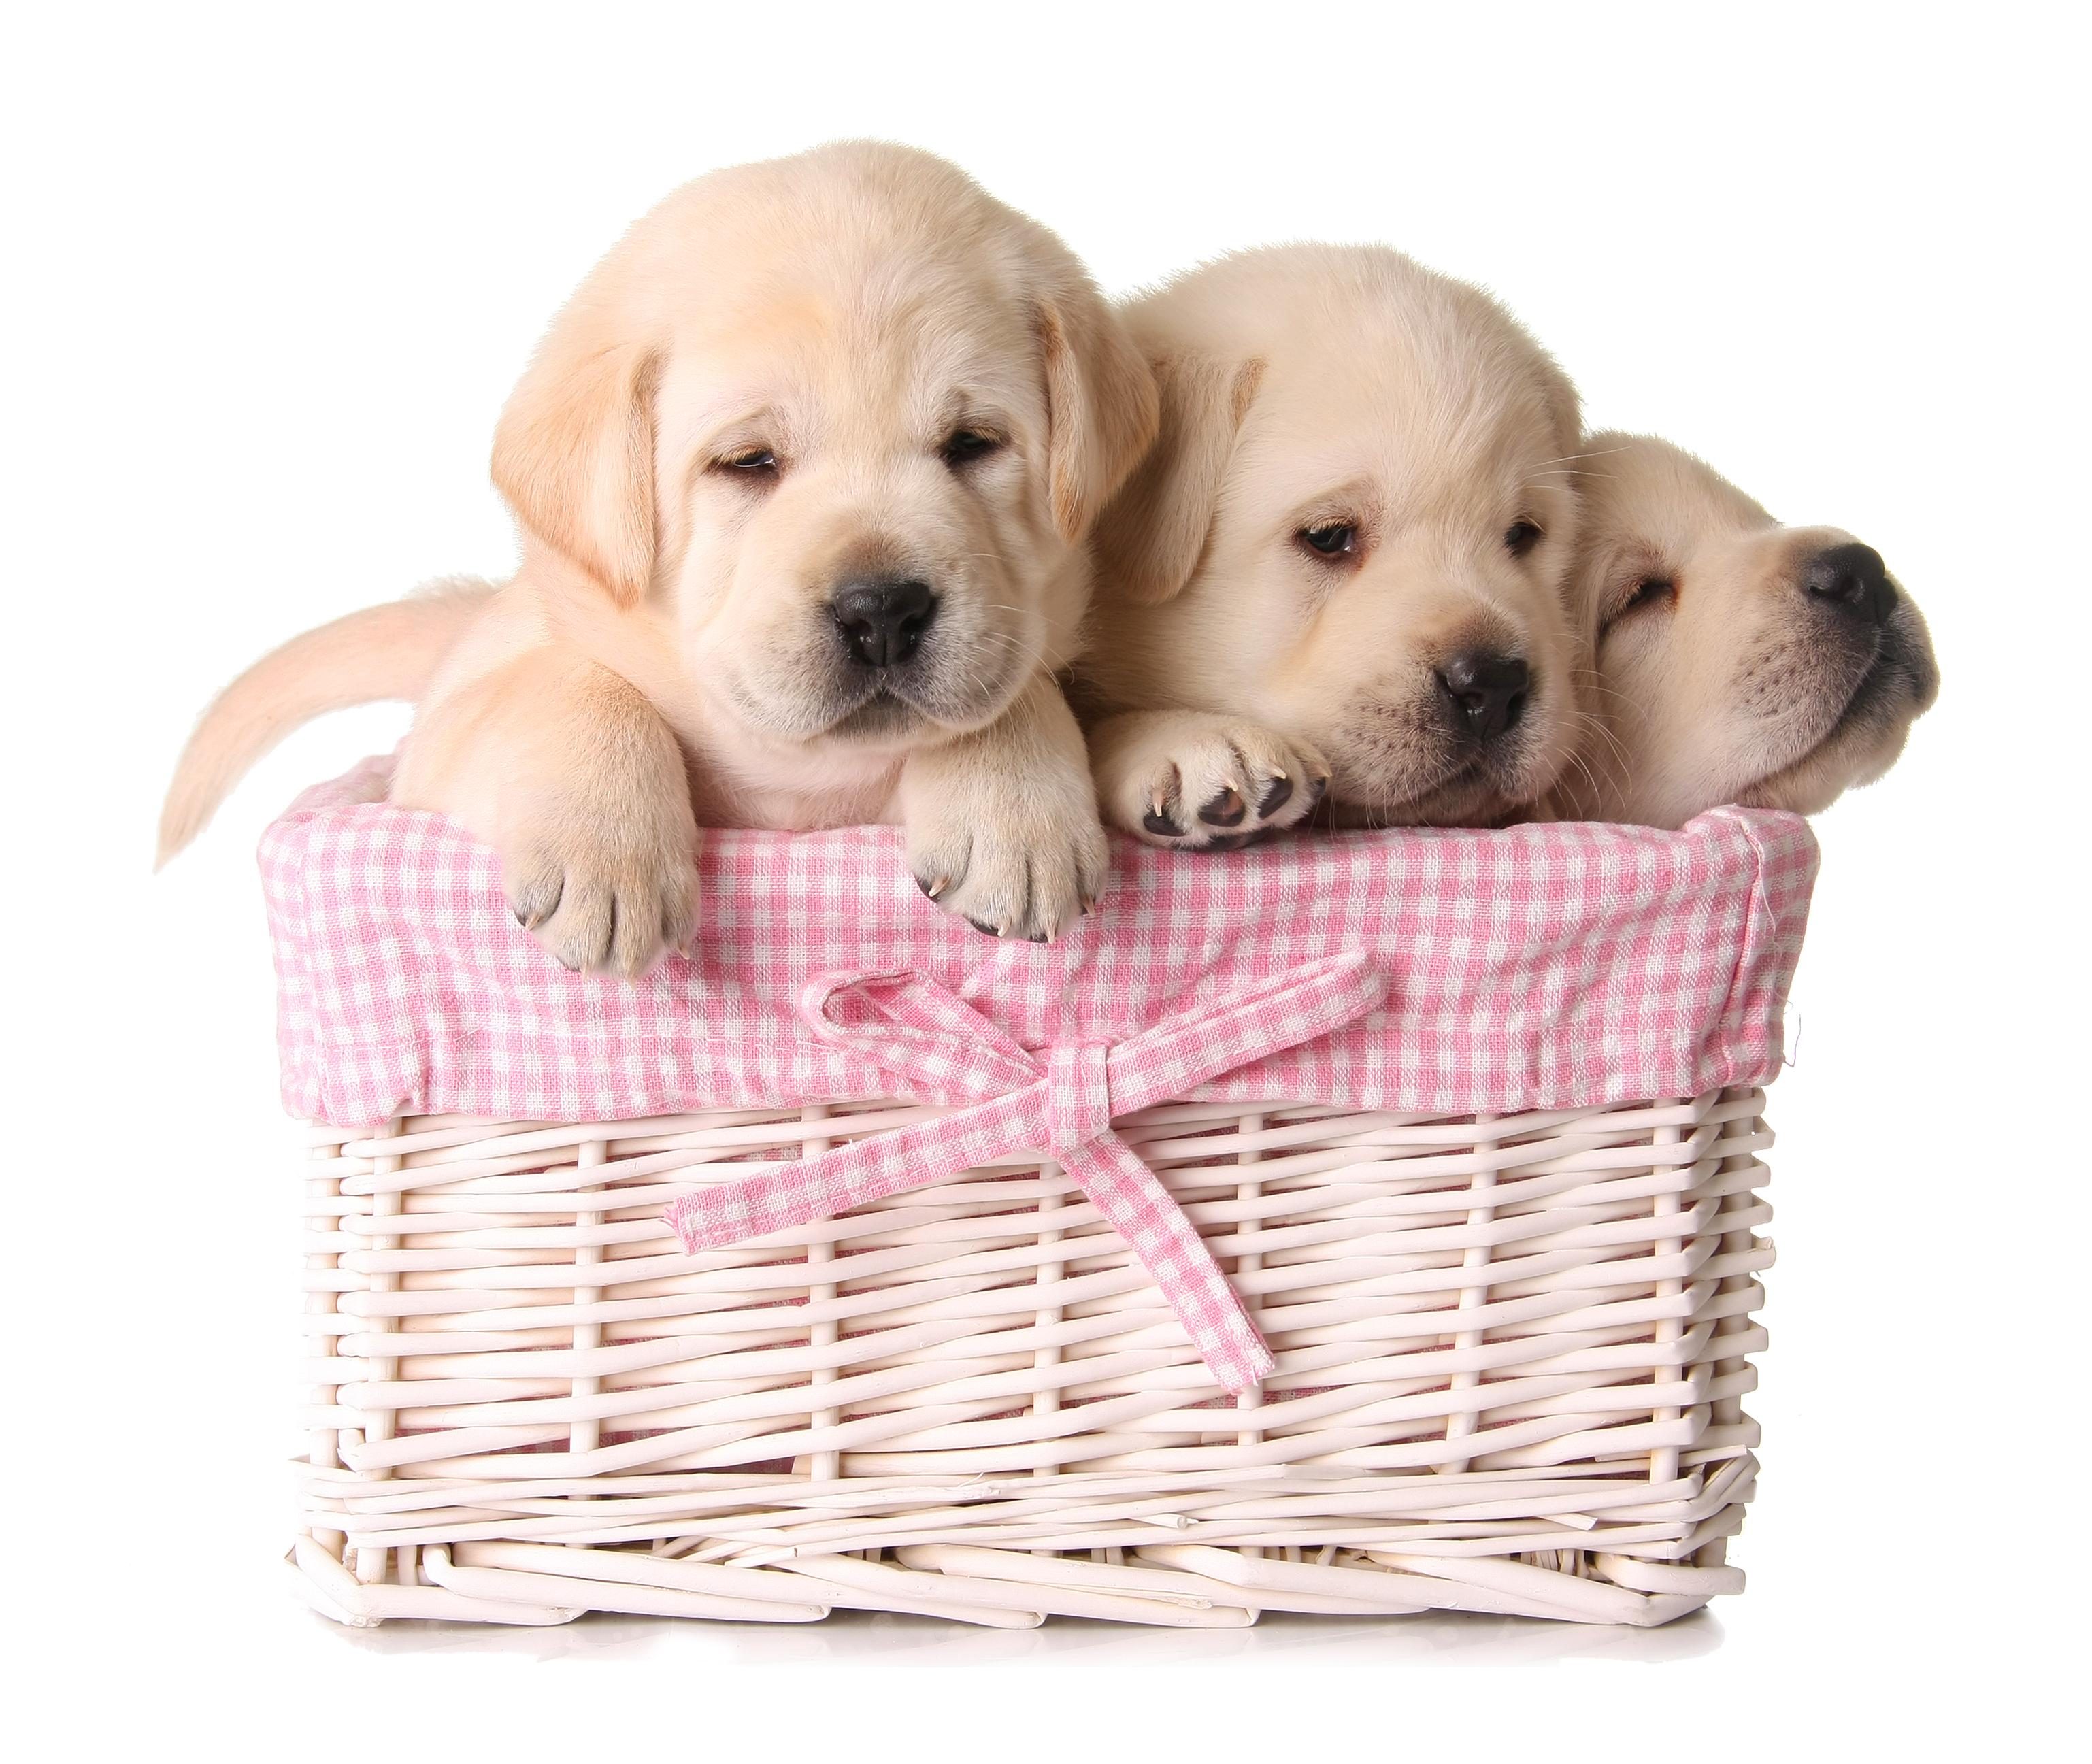 Abbiamo Labrador disponibili in adozione gratuita!